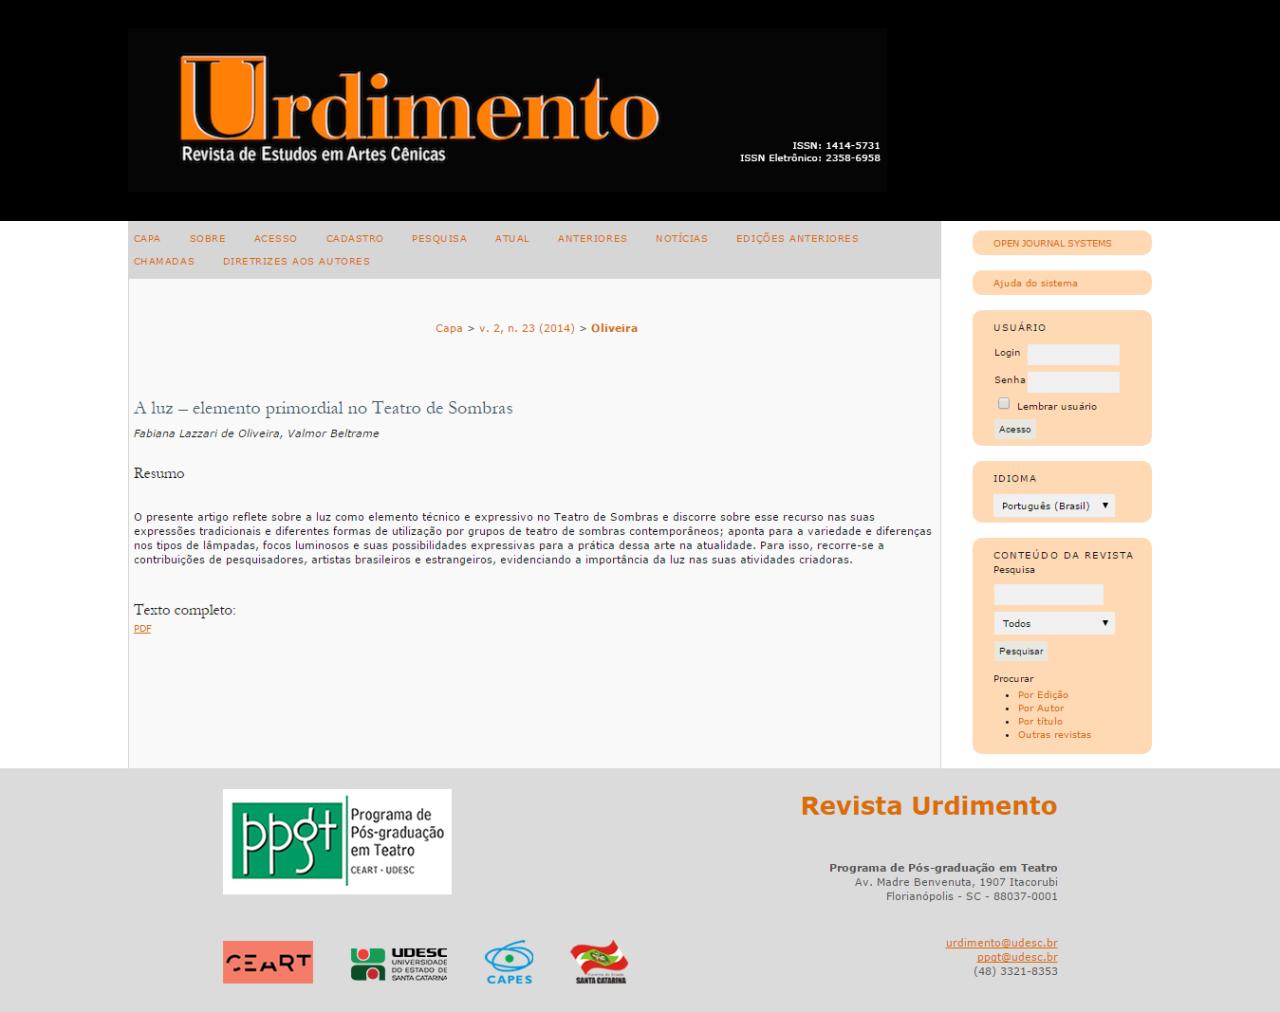 FireShot Capture - A luz – elemento primordial no Teatro d_ - http___www.revistas.udesc.br_index.p